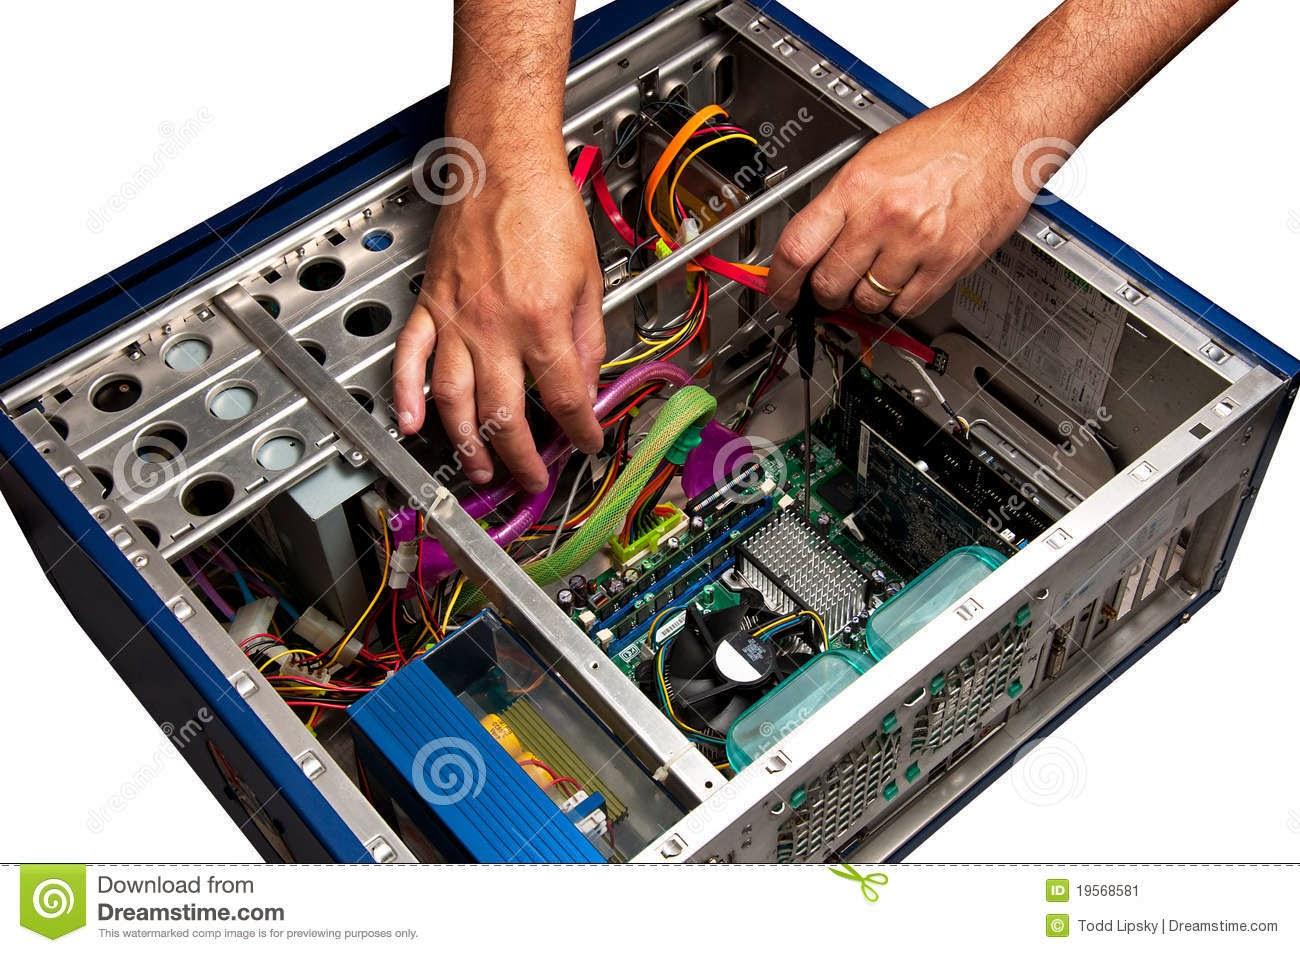 Toshiba service center in noida computer service noida computer amc service  noida. Lenovo service center noida. Lenovo repair center noida hp printer  ...